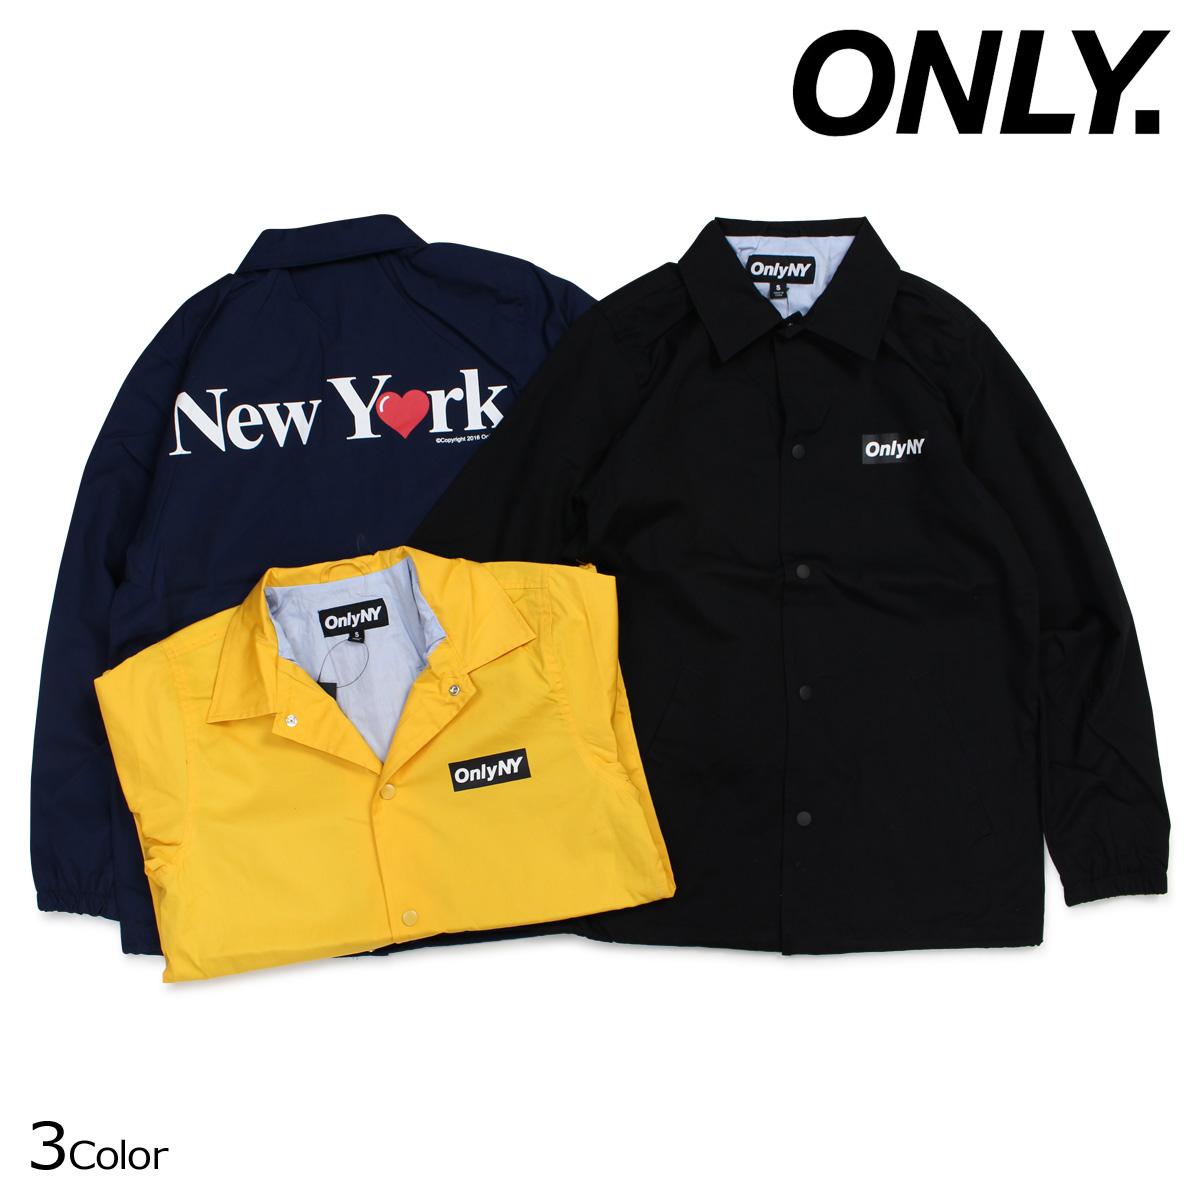 ONLY NY オンリーニューヨーク ジャケット コーチジャケット コットン メンズ アウター NEW YORK LOVE COACH JACKET 3カラー